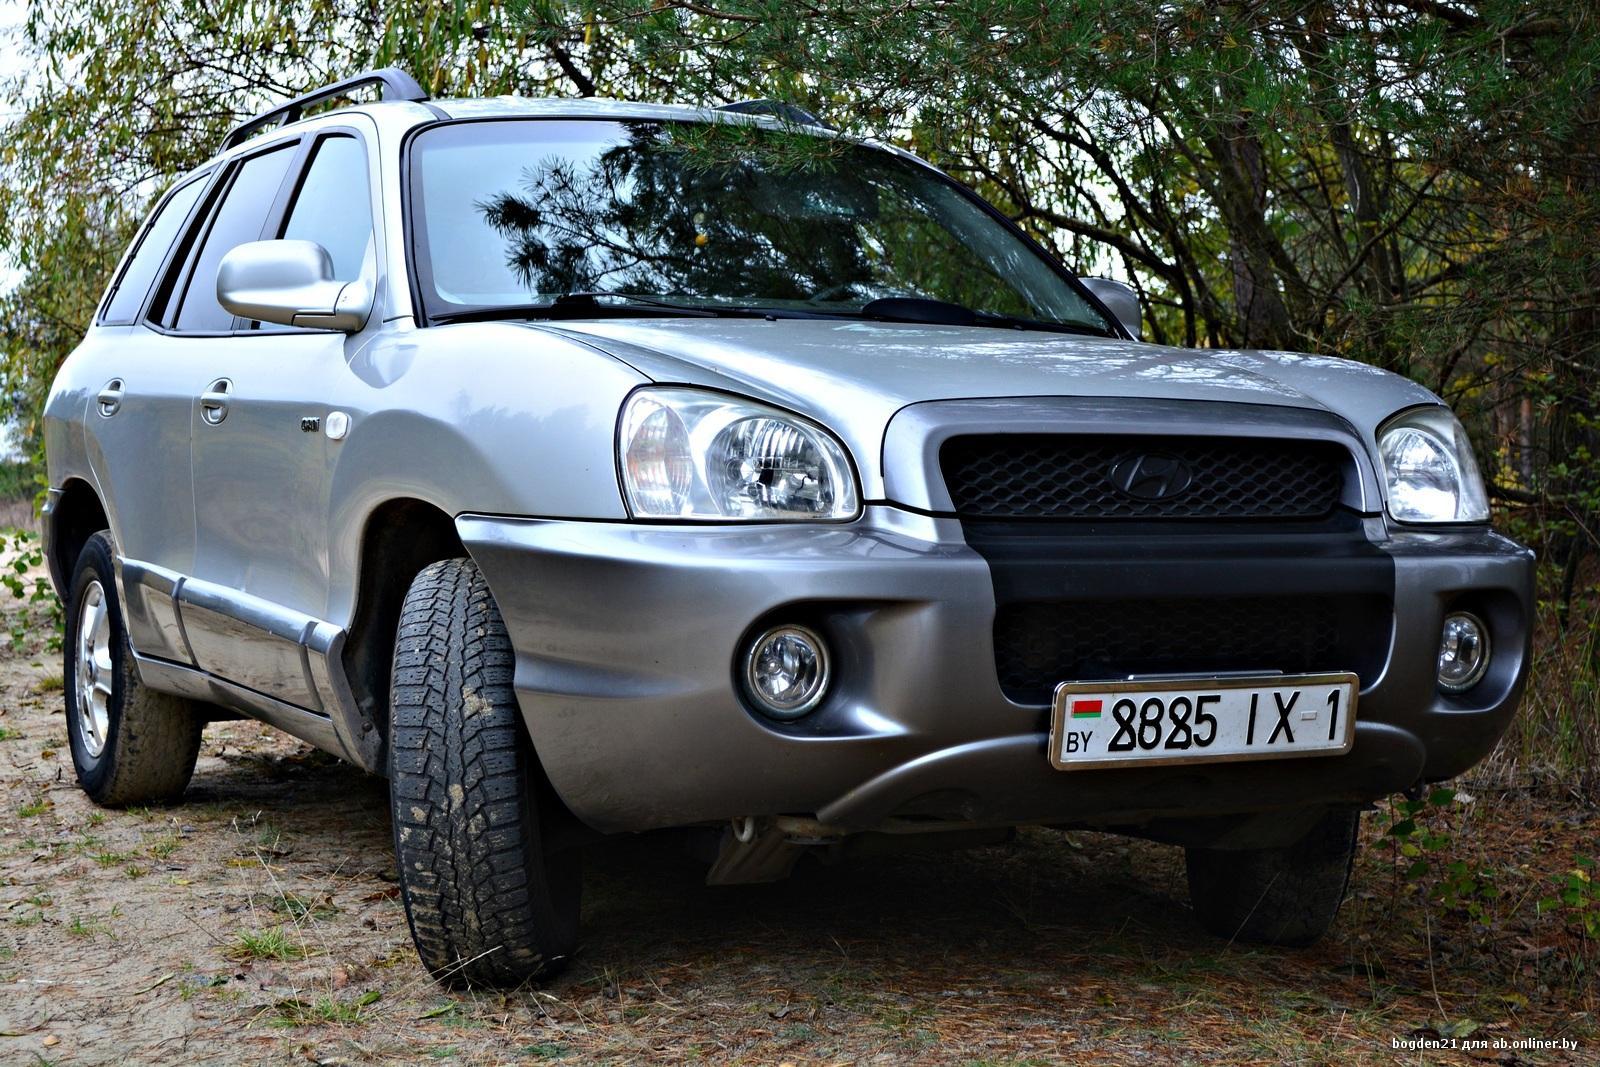 Hyundai Santa Fe 2.0 CRDi Premium VGT 4WD, 125